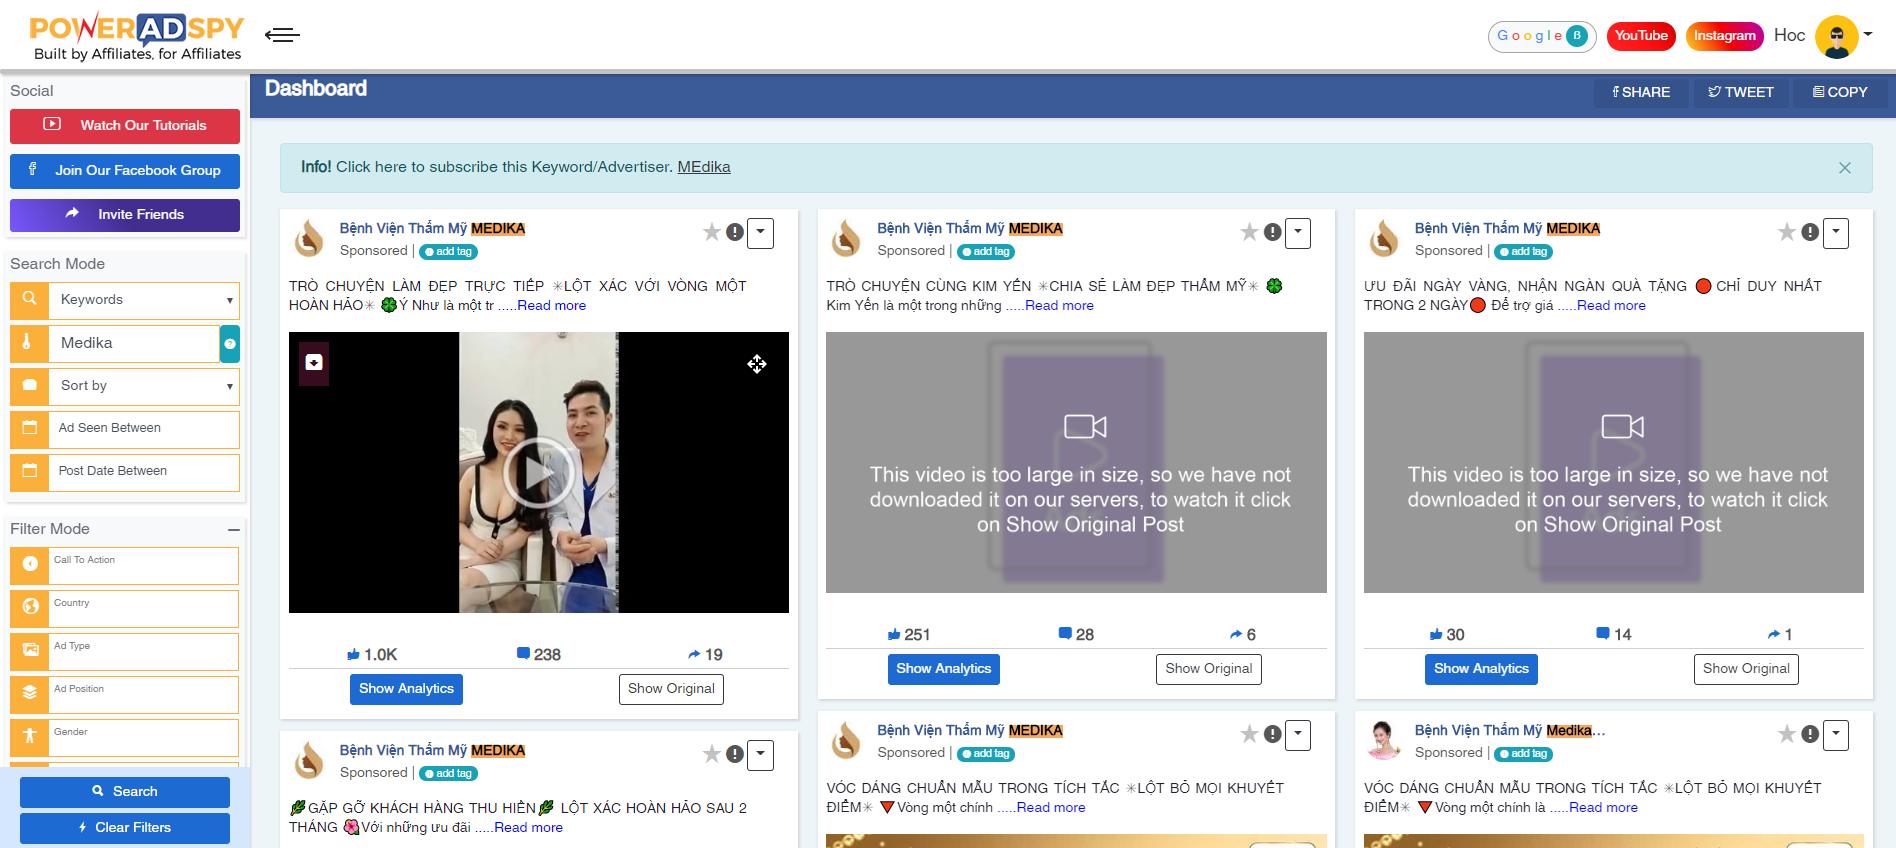 Dùng Bigspy + Poweradspy nghiên cứu Fb Ads + Landingpage đối thủ